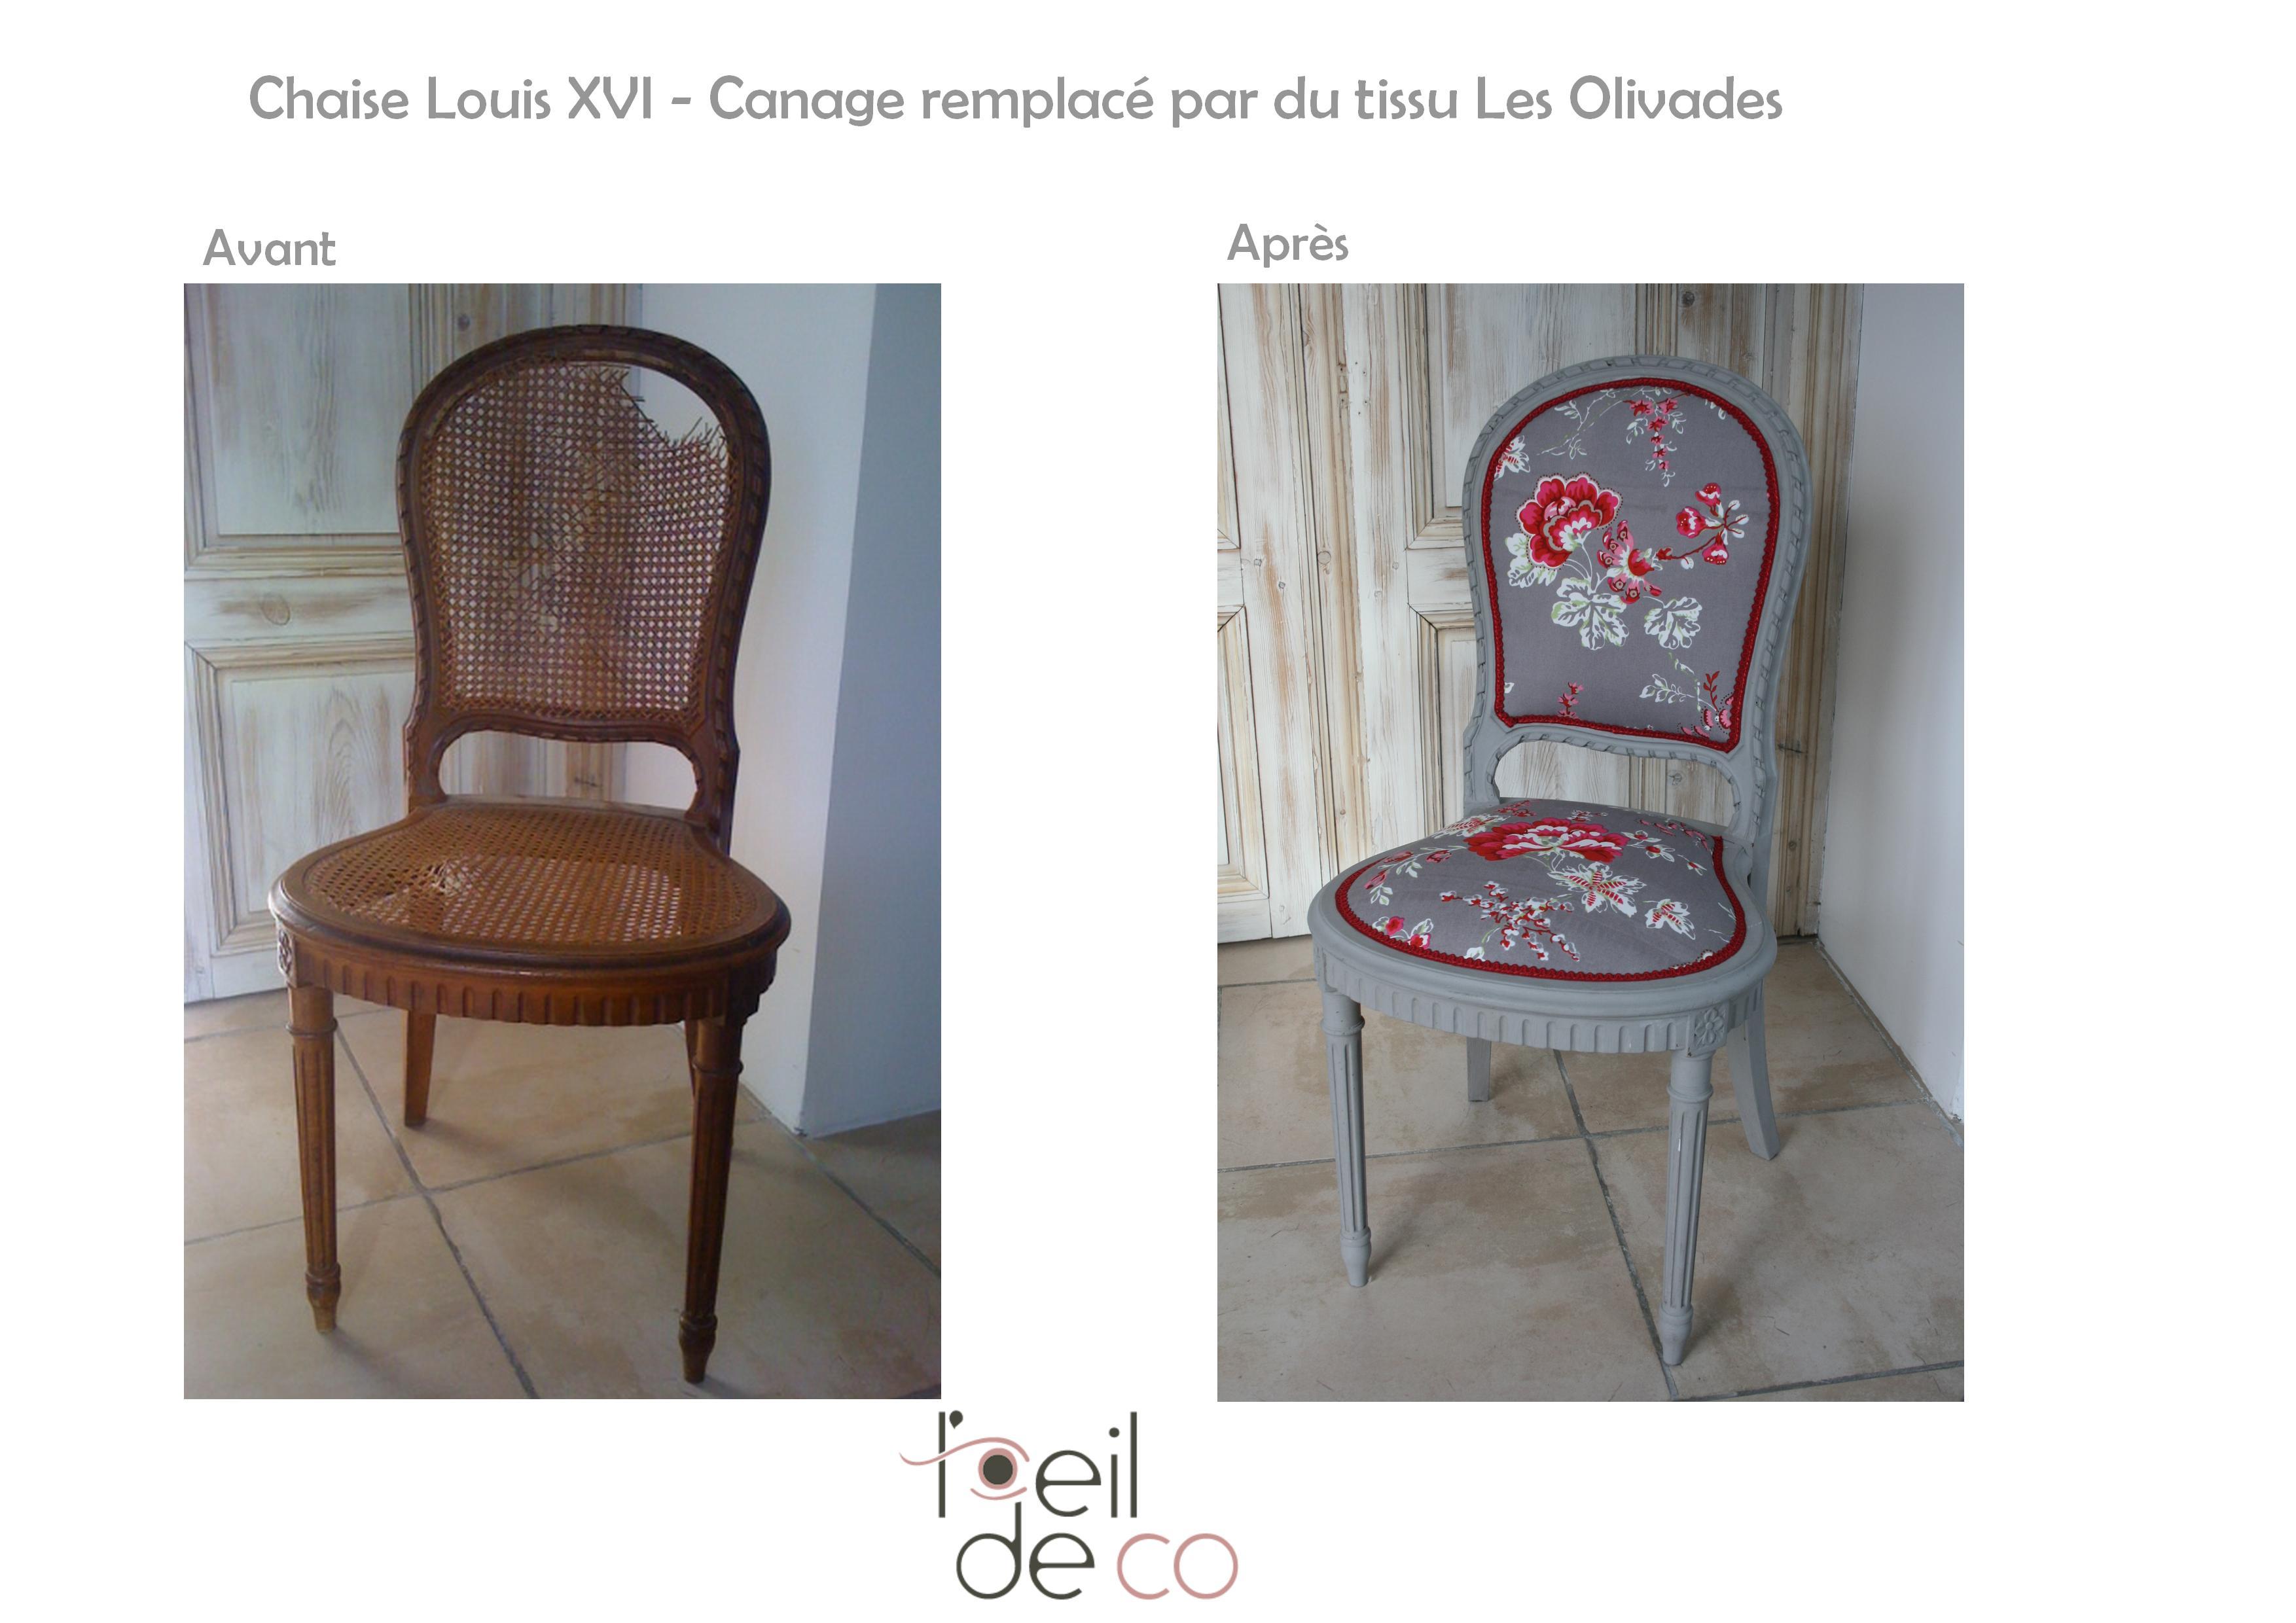 chaise_louis_XVI_les_olivades